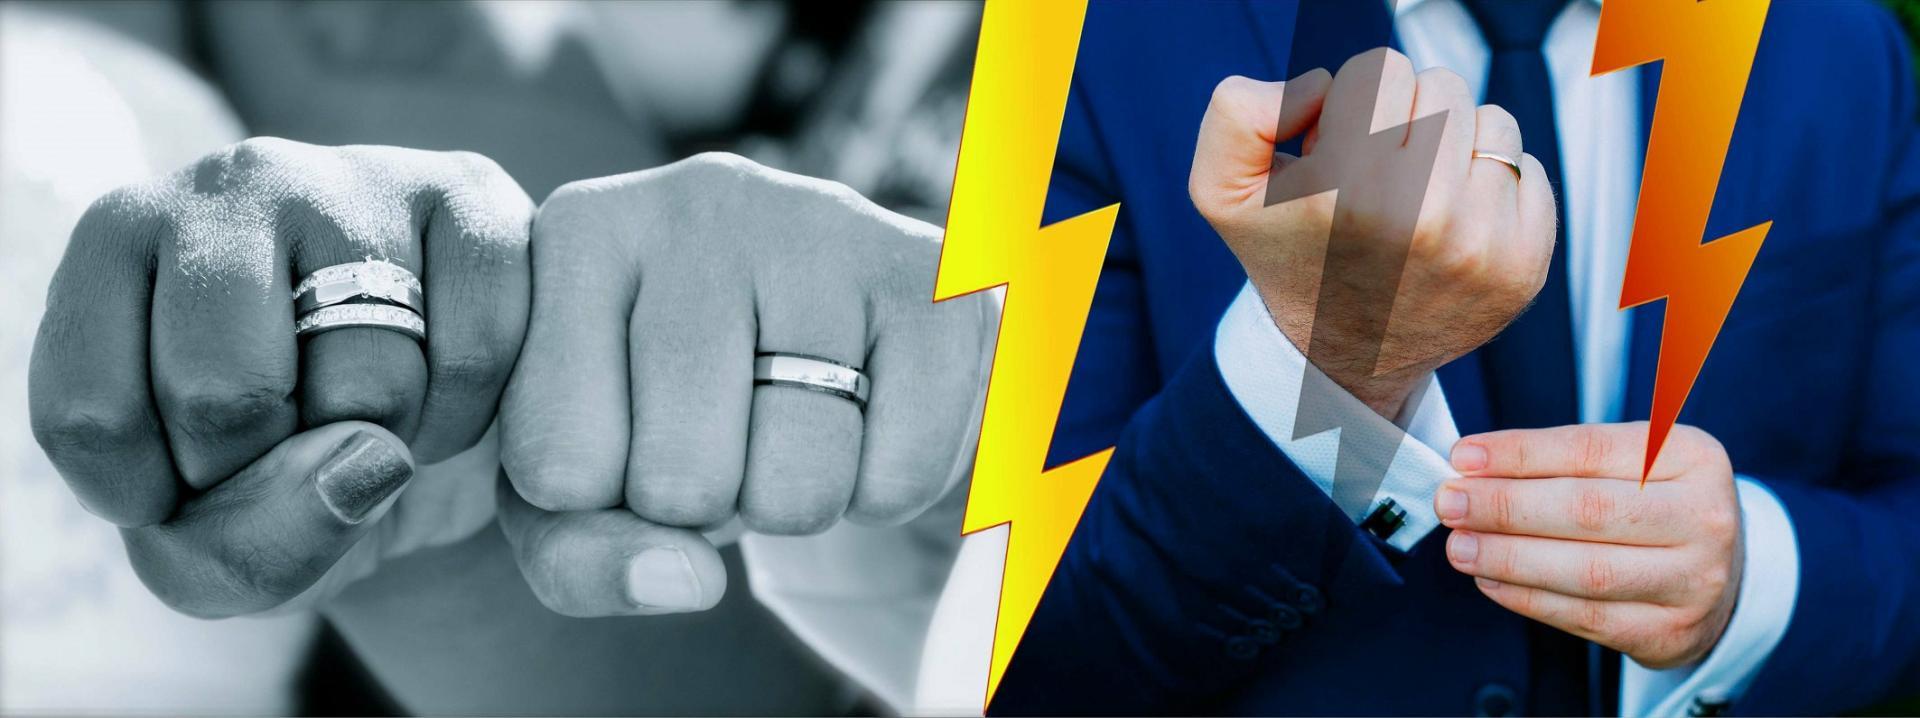 Président vs maries covid